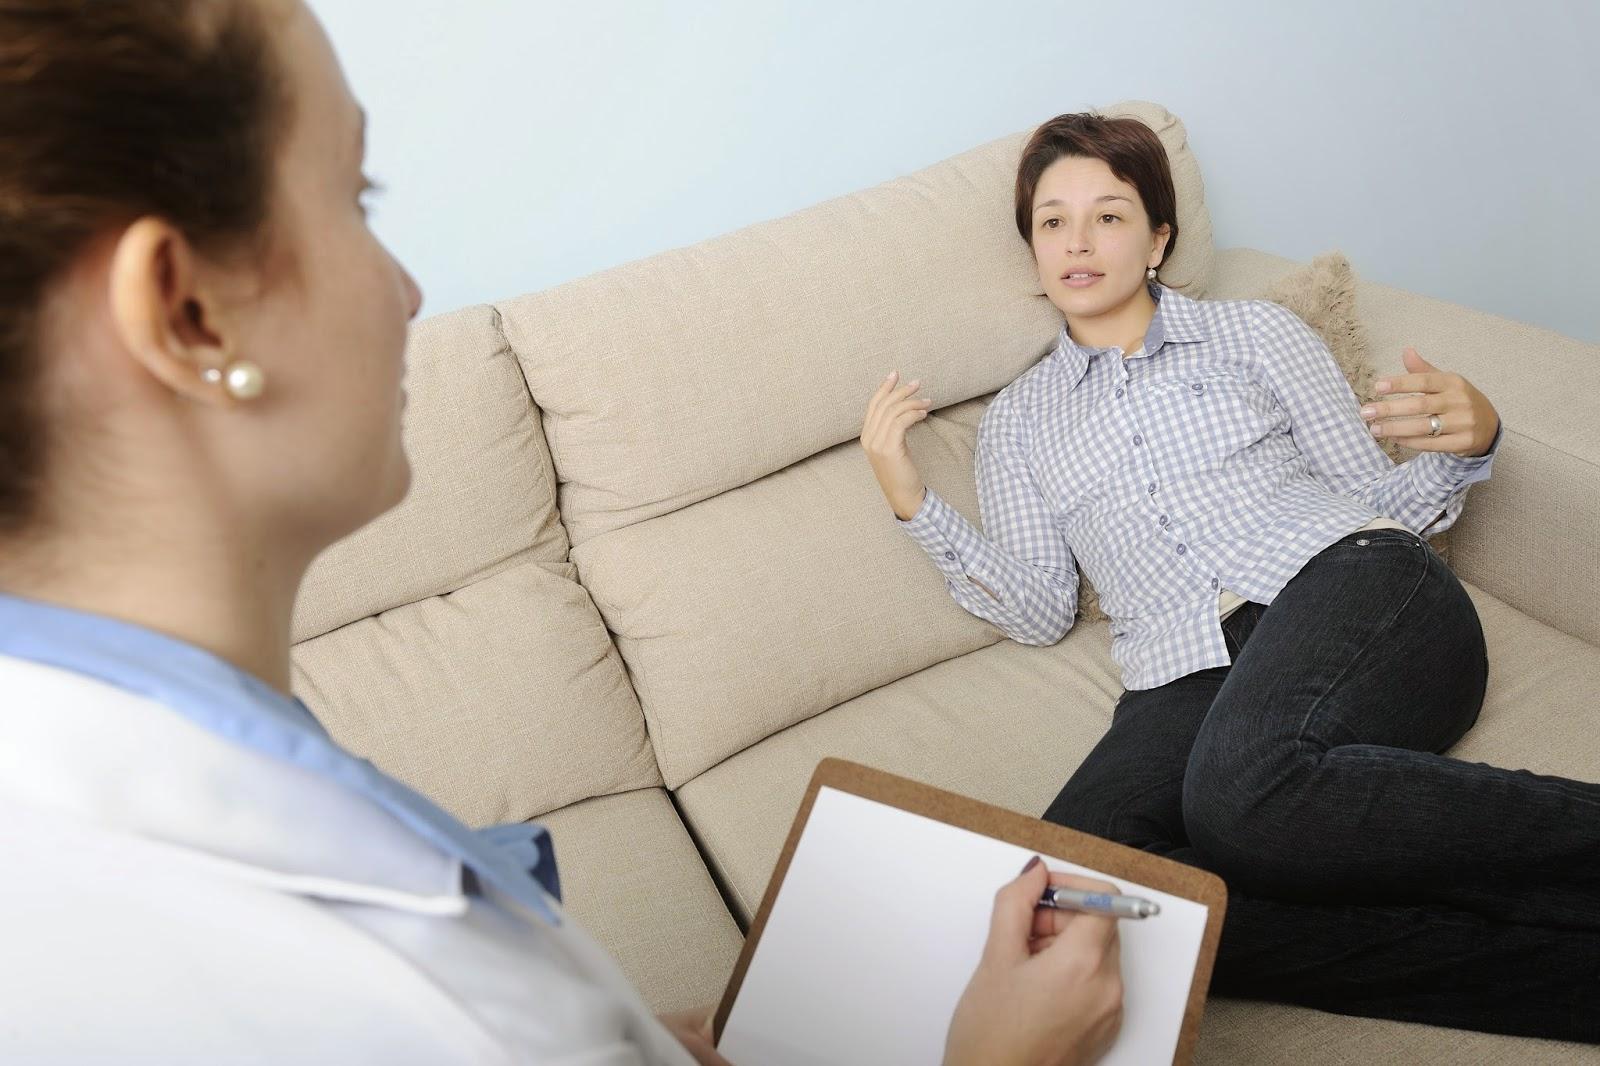 2491 психиатр москвы, 2859 отзывов пациентов       - продокторов